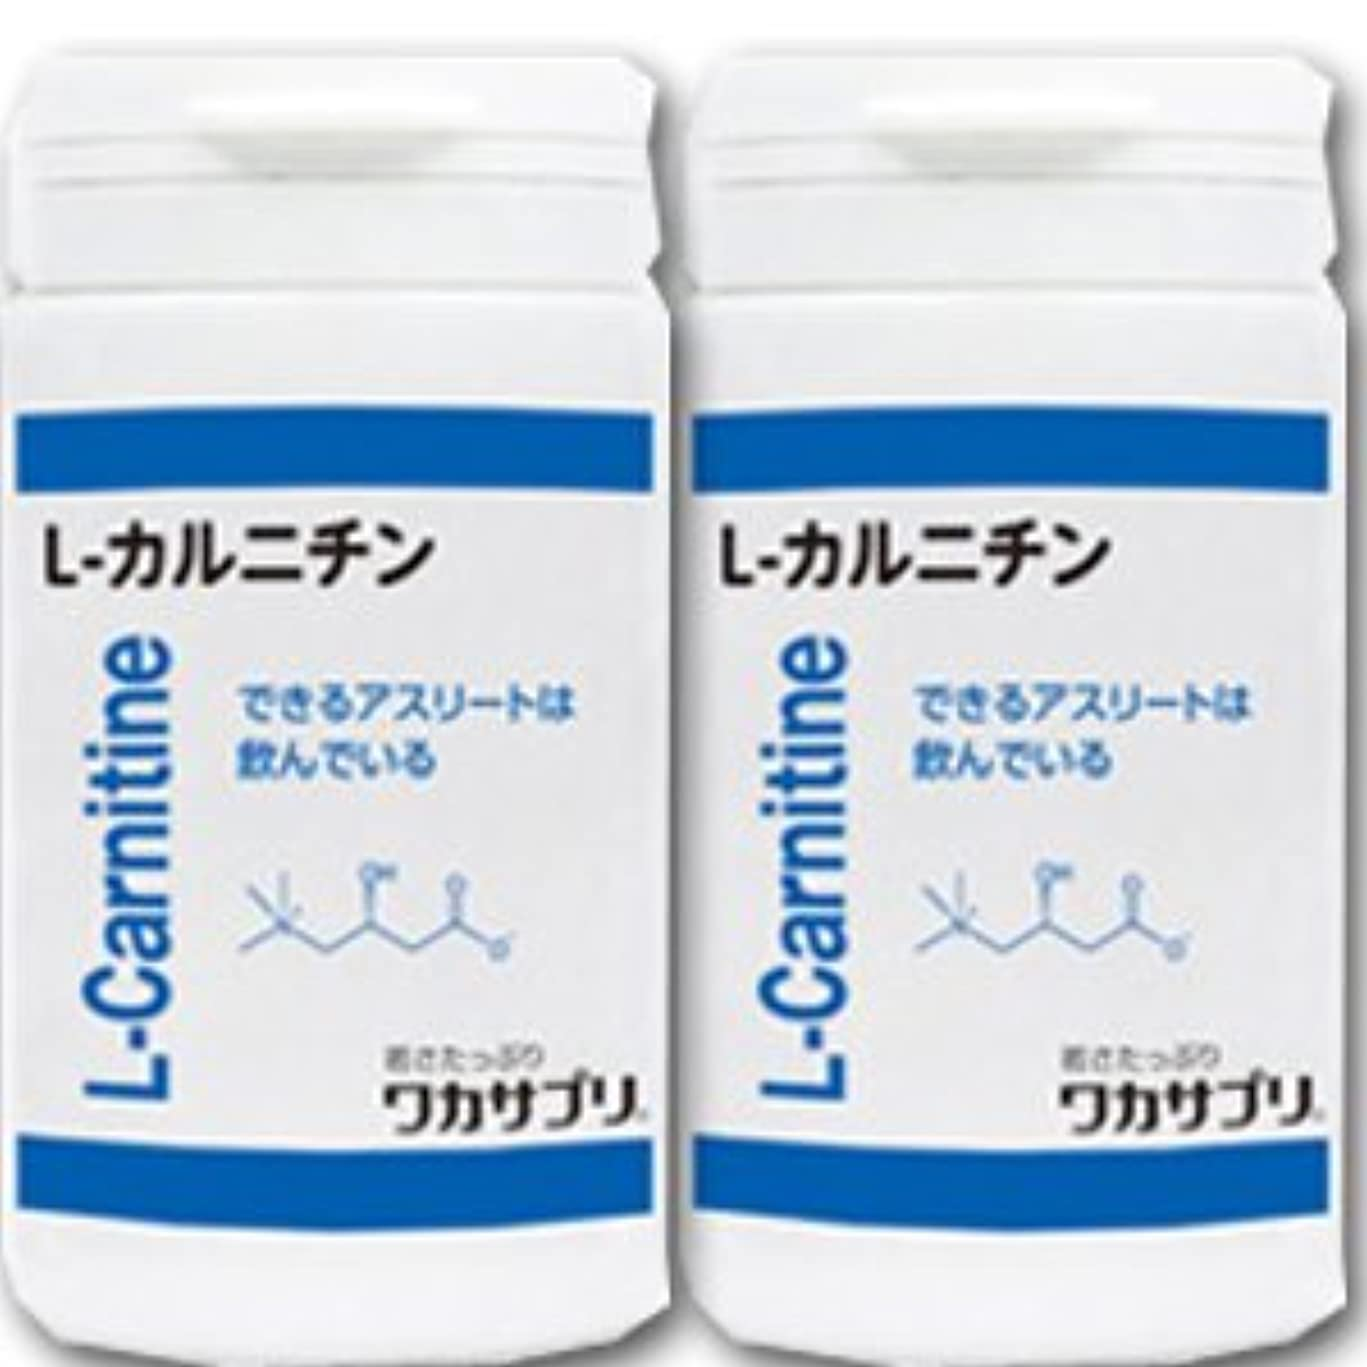 ねじれ無実質的【2個】 ワカサプリ L-カルニチン 60粒x2個(4562137413703)